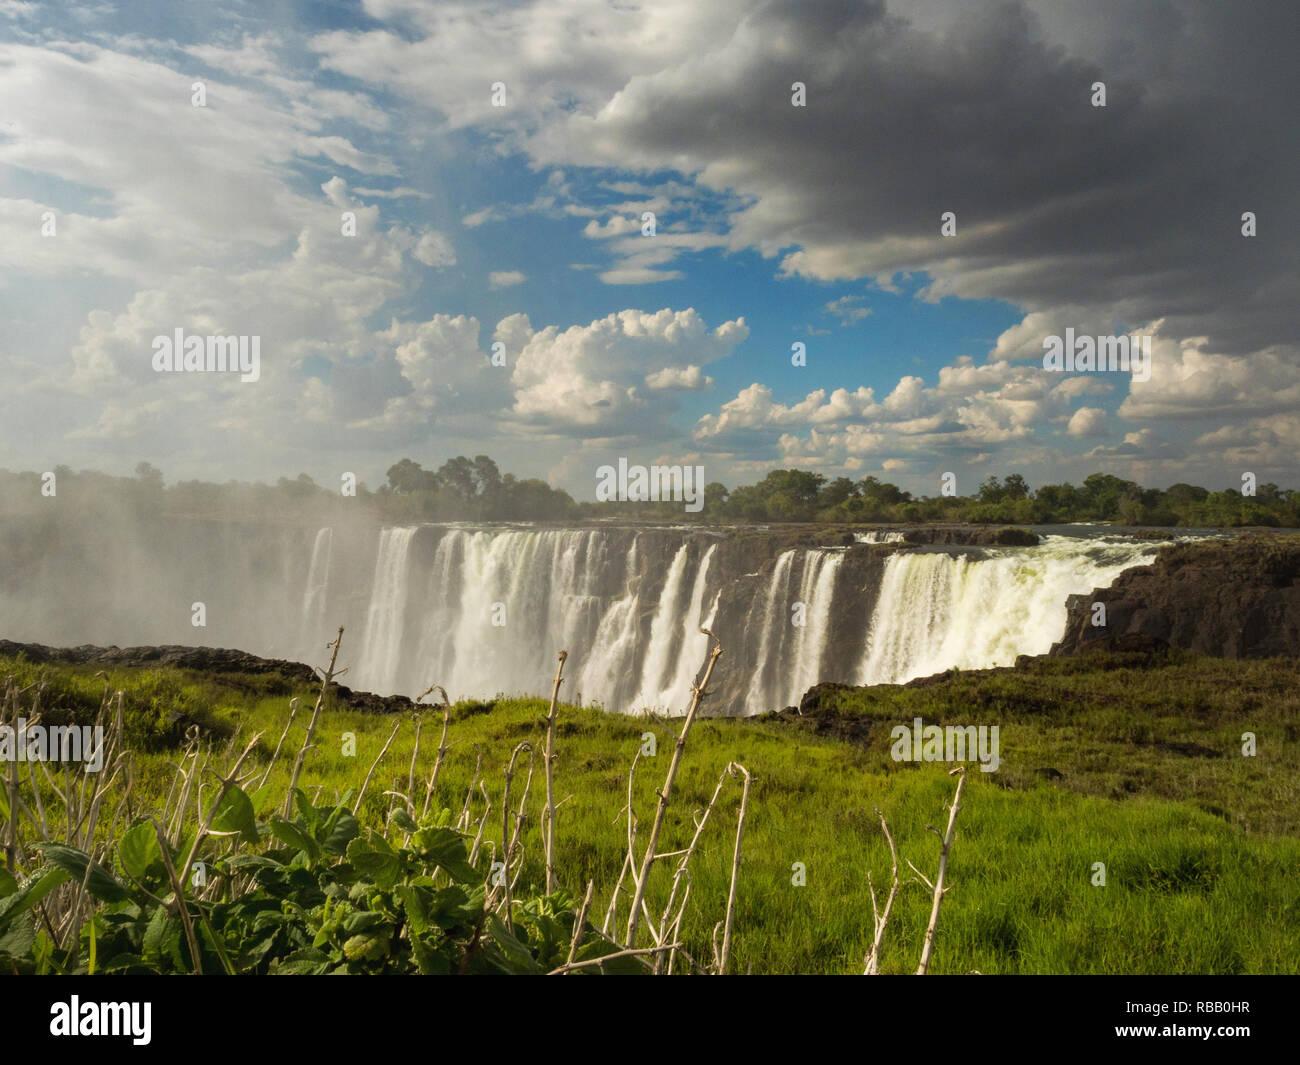 Victoria Falls est une chute d'eau en Afrique australe sur le fleuve Zambèze à la frontière de la Zambie et Zimbabwe. Banque D'Images